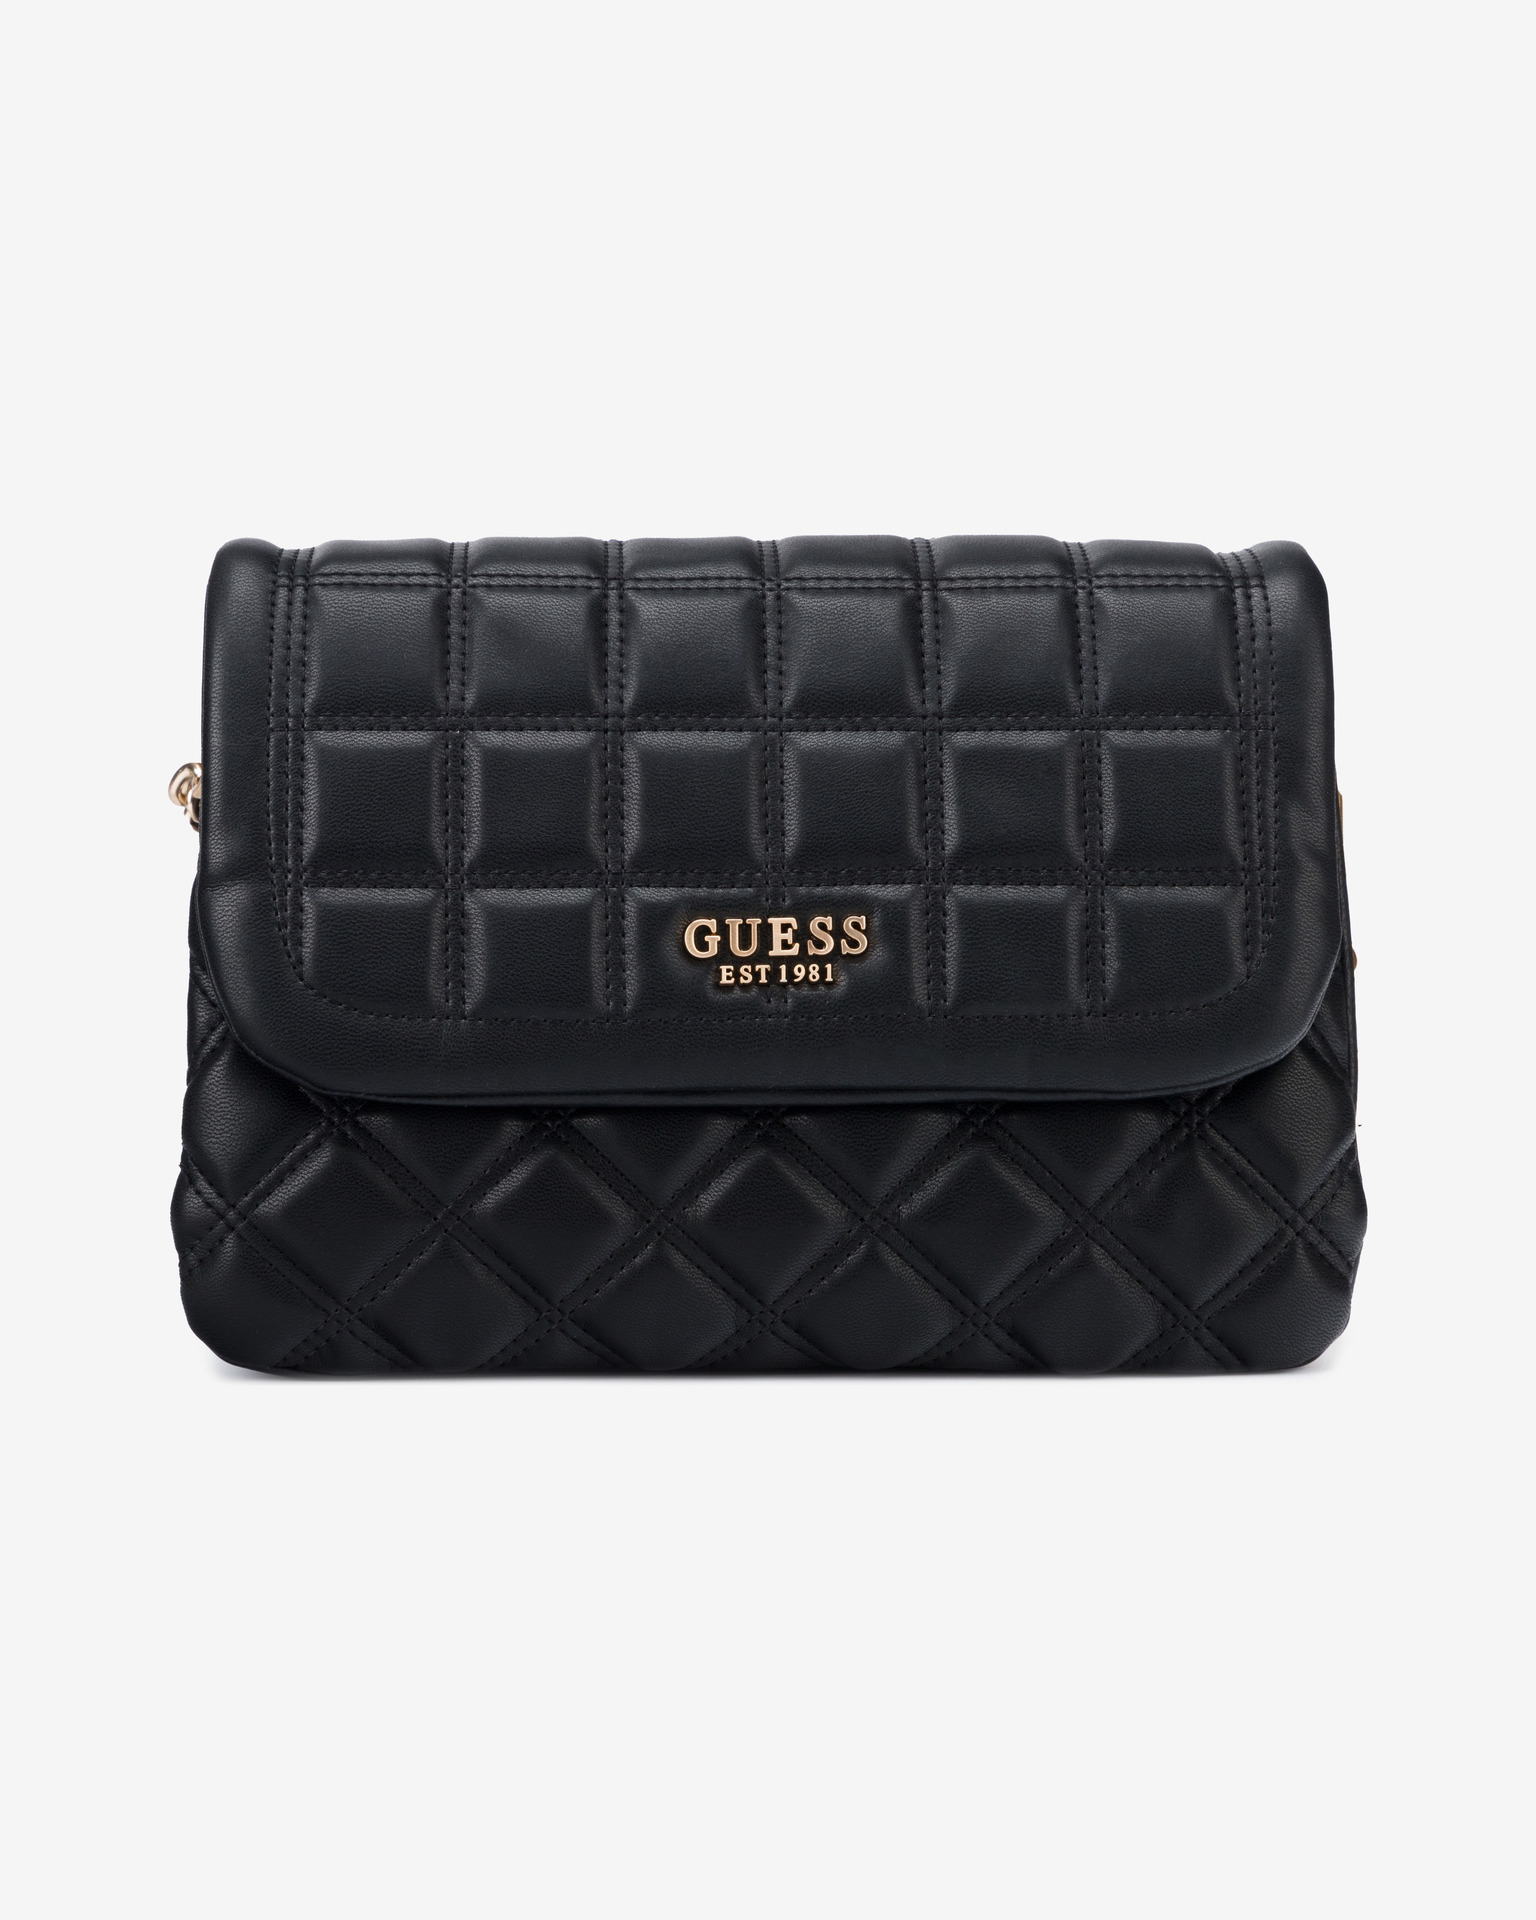 Guess black handbag Kamina